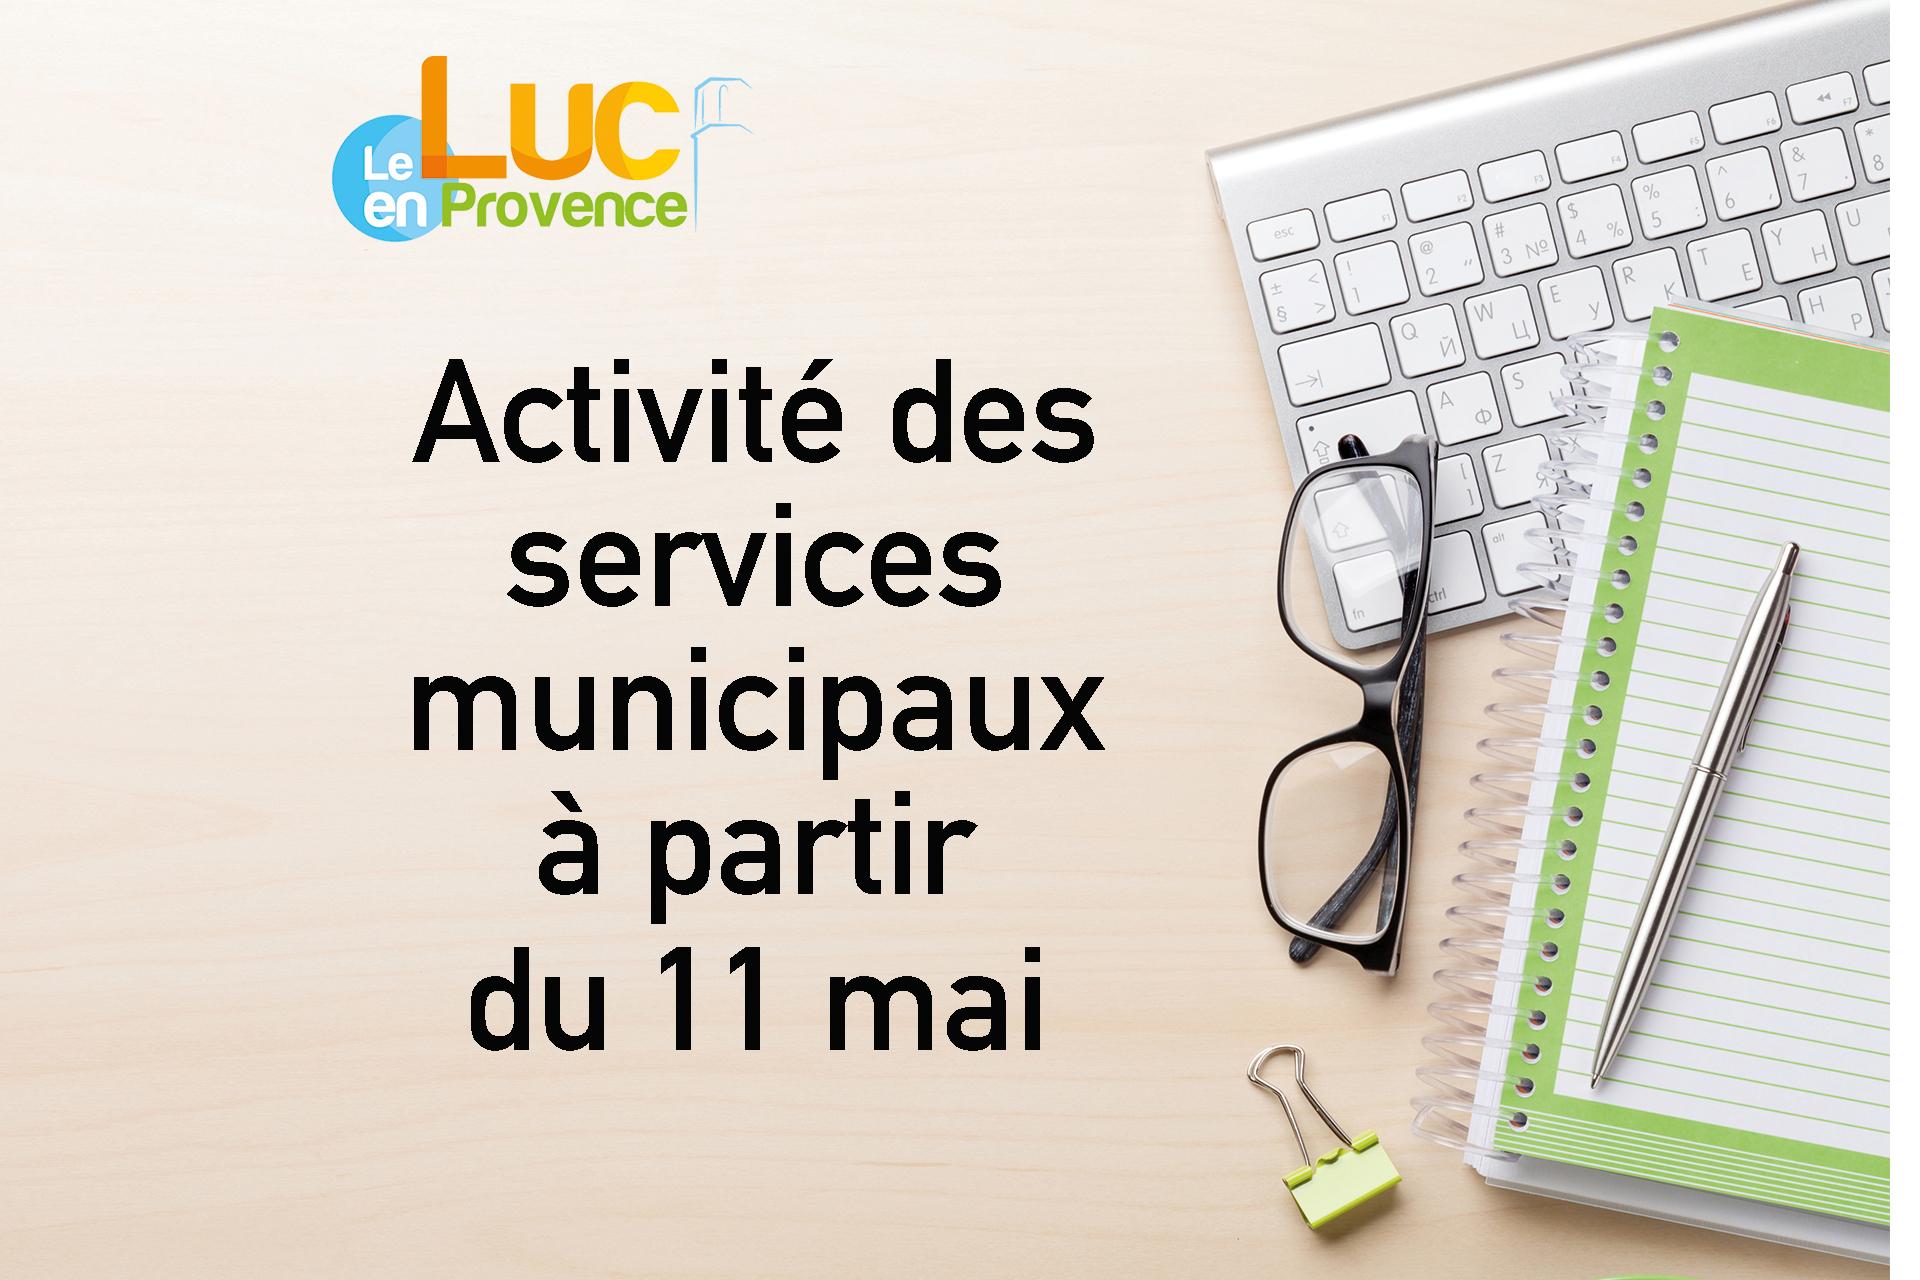 Activité des services municipaux à partir du 11 mai